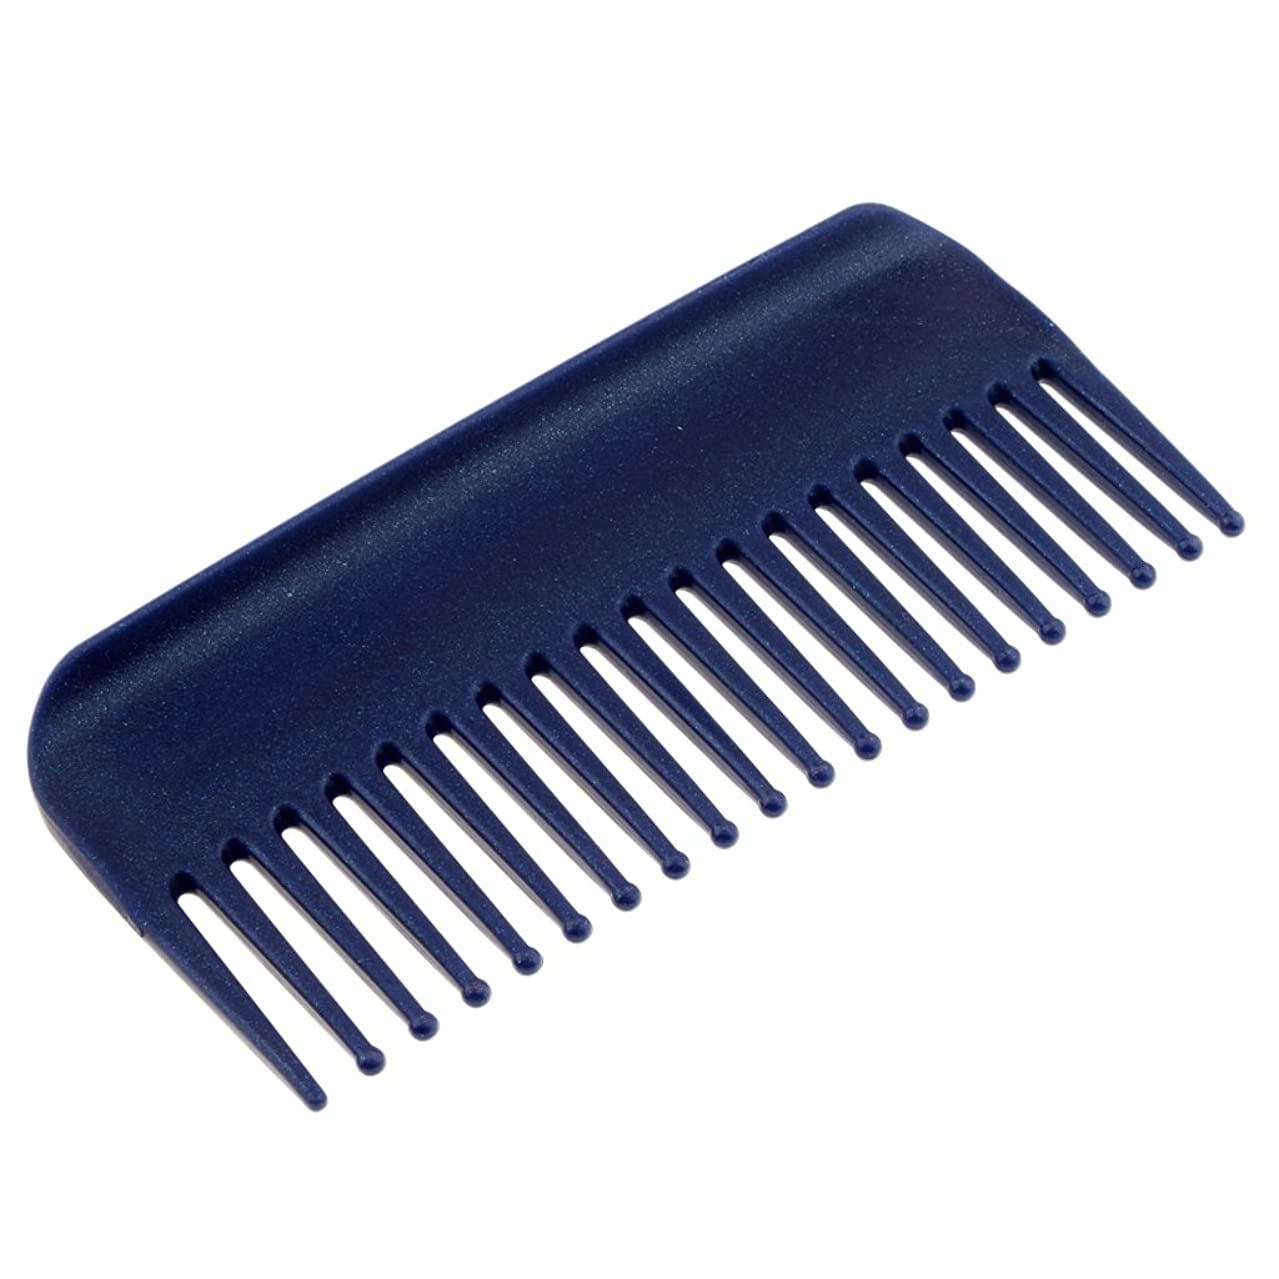 ピッチャー真向こう酸化するPerfk ヘアブラシ ヘアコーム コーム 櫛 くし 頭皮 マッサージ 耐熱性 帯電防止 高品質 4色選べる - 青